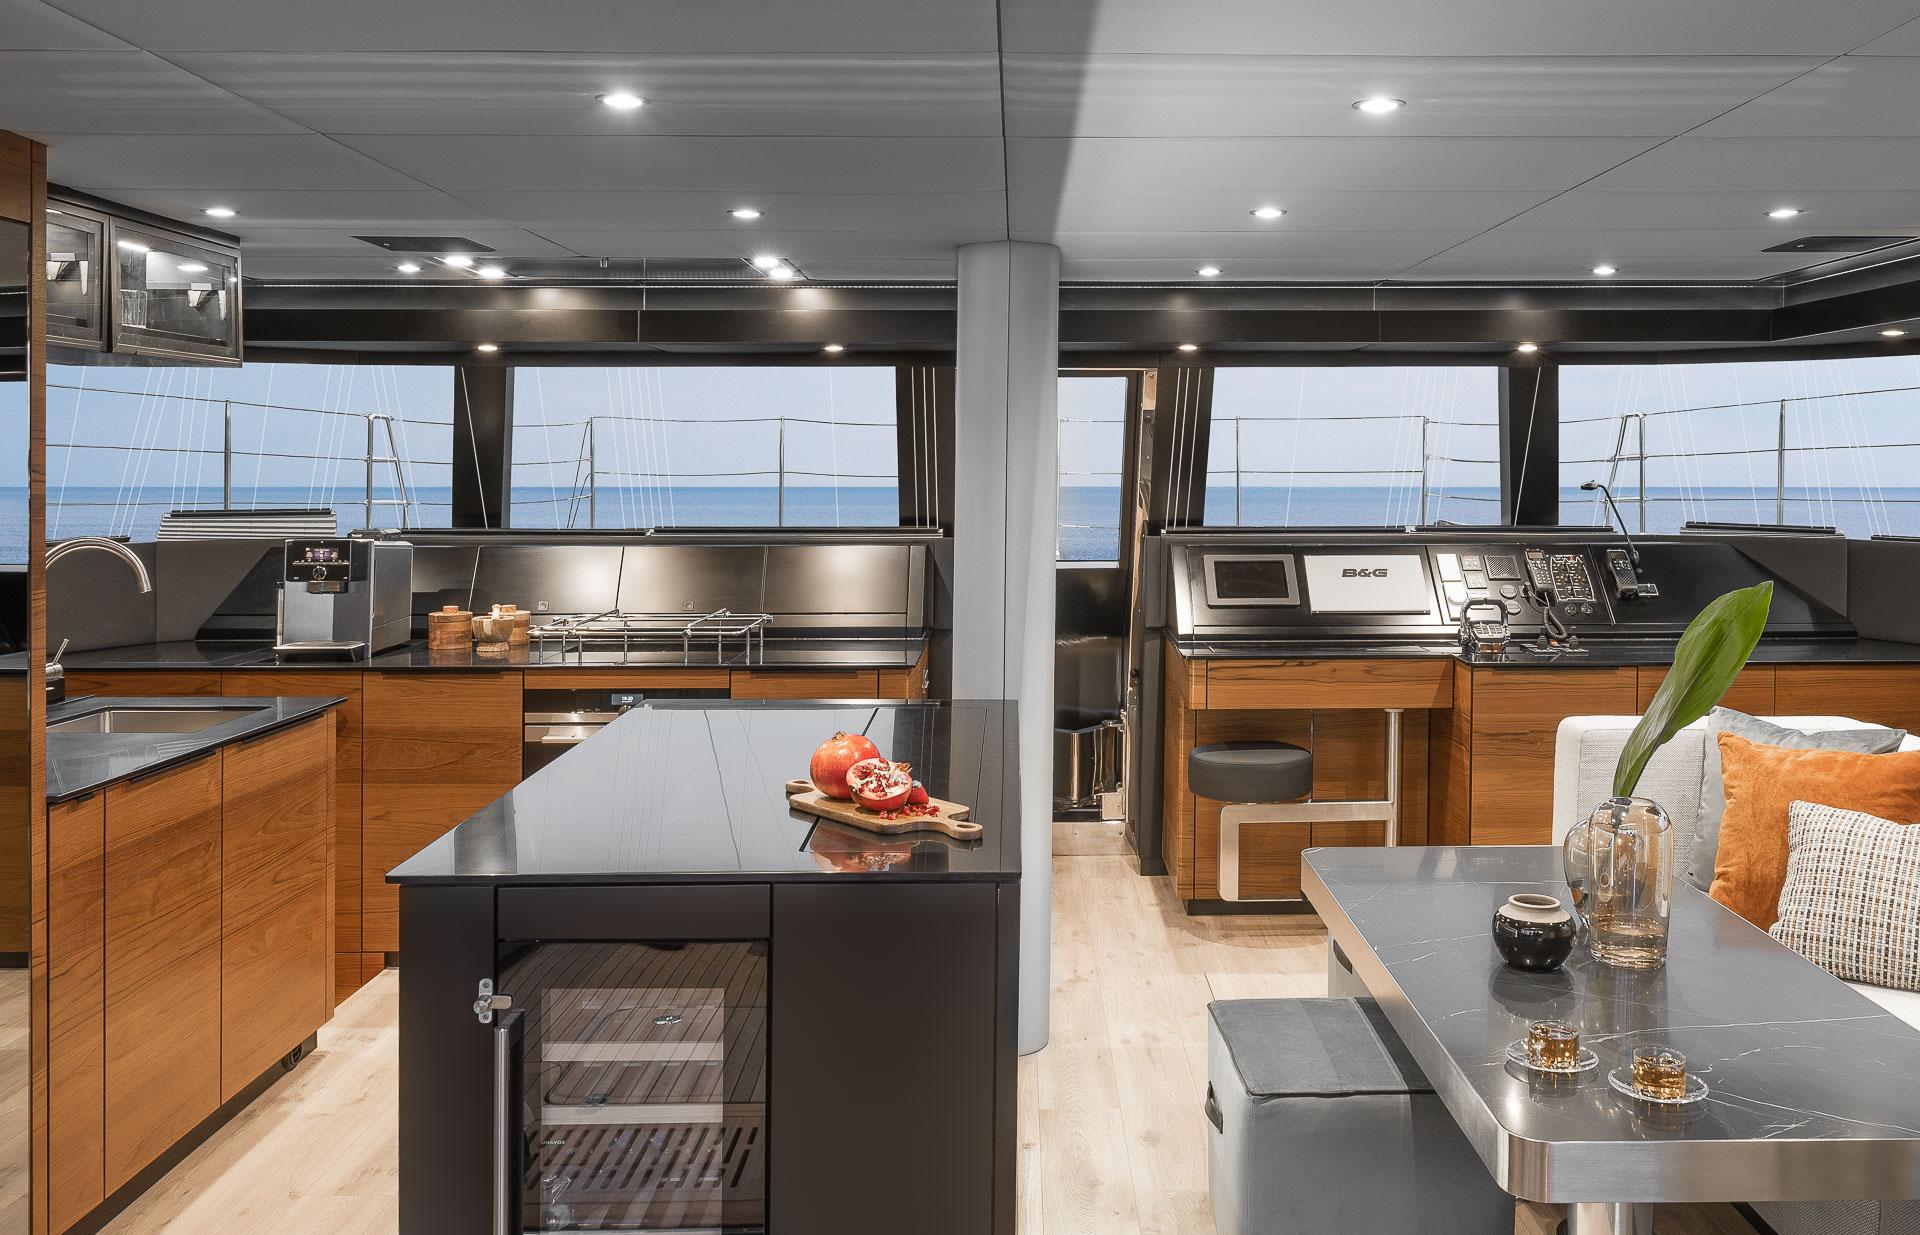 Luksusowy jacht - sesja zdjęciowa wnętrz